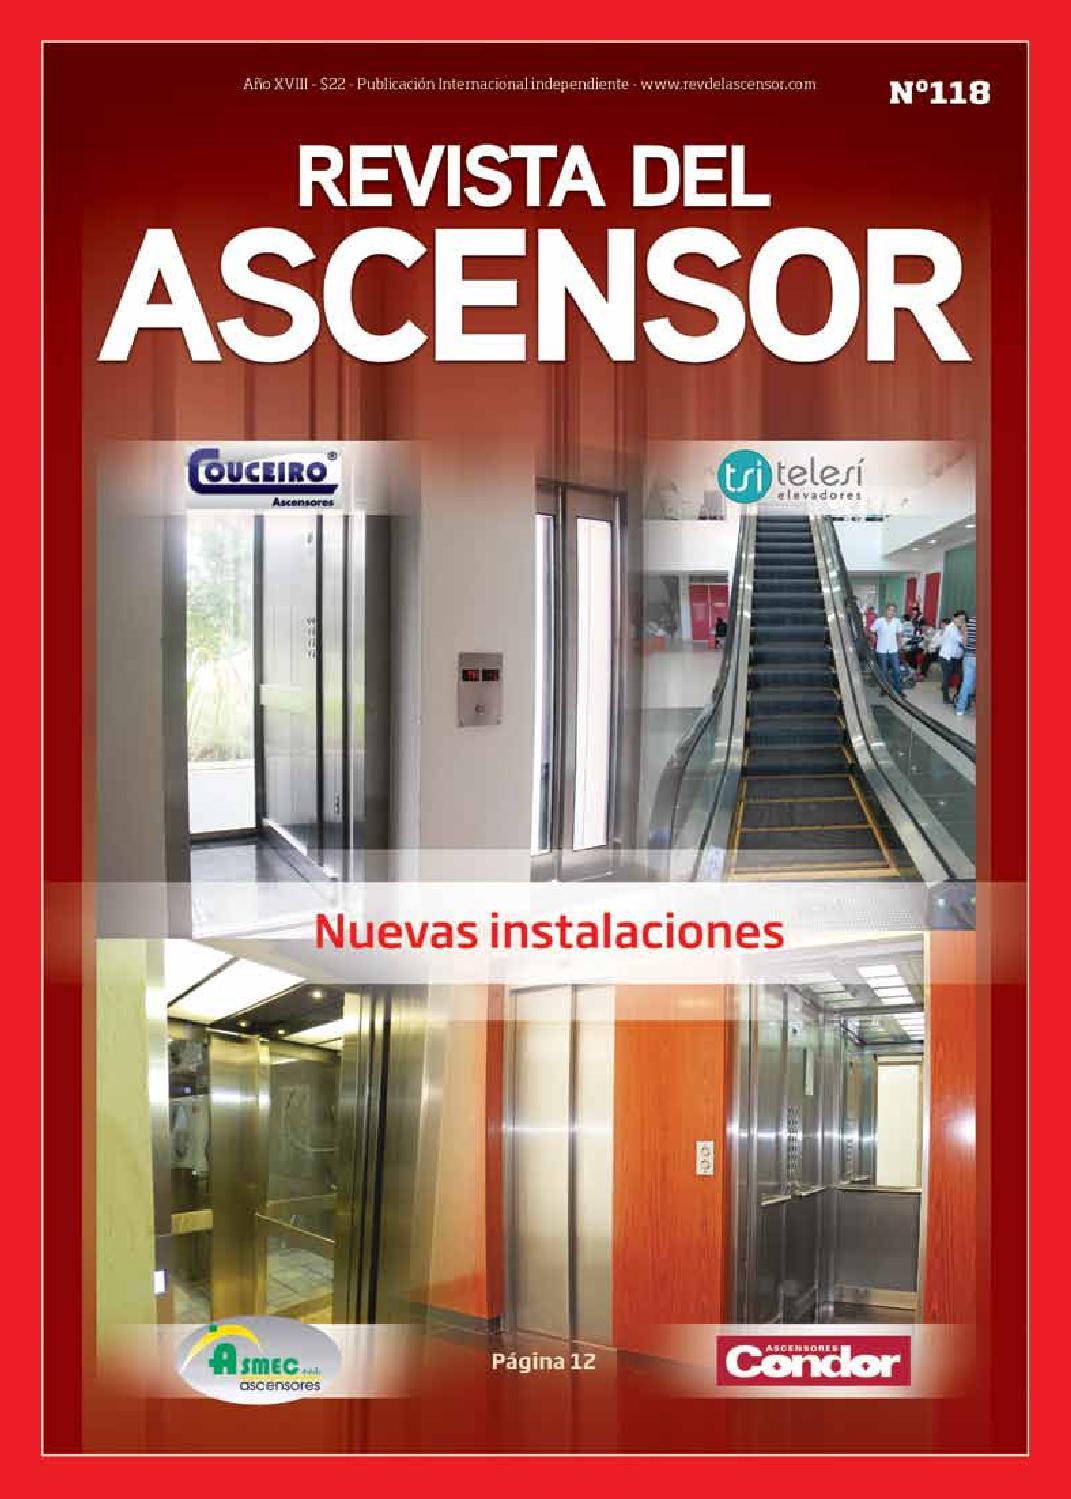 Revista del ascensor n 118 by dimero dimero issuu for Precio de puertas levadizas en lima peru